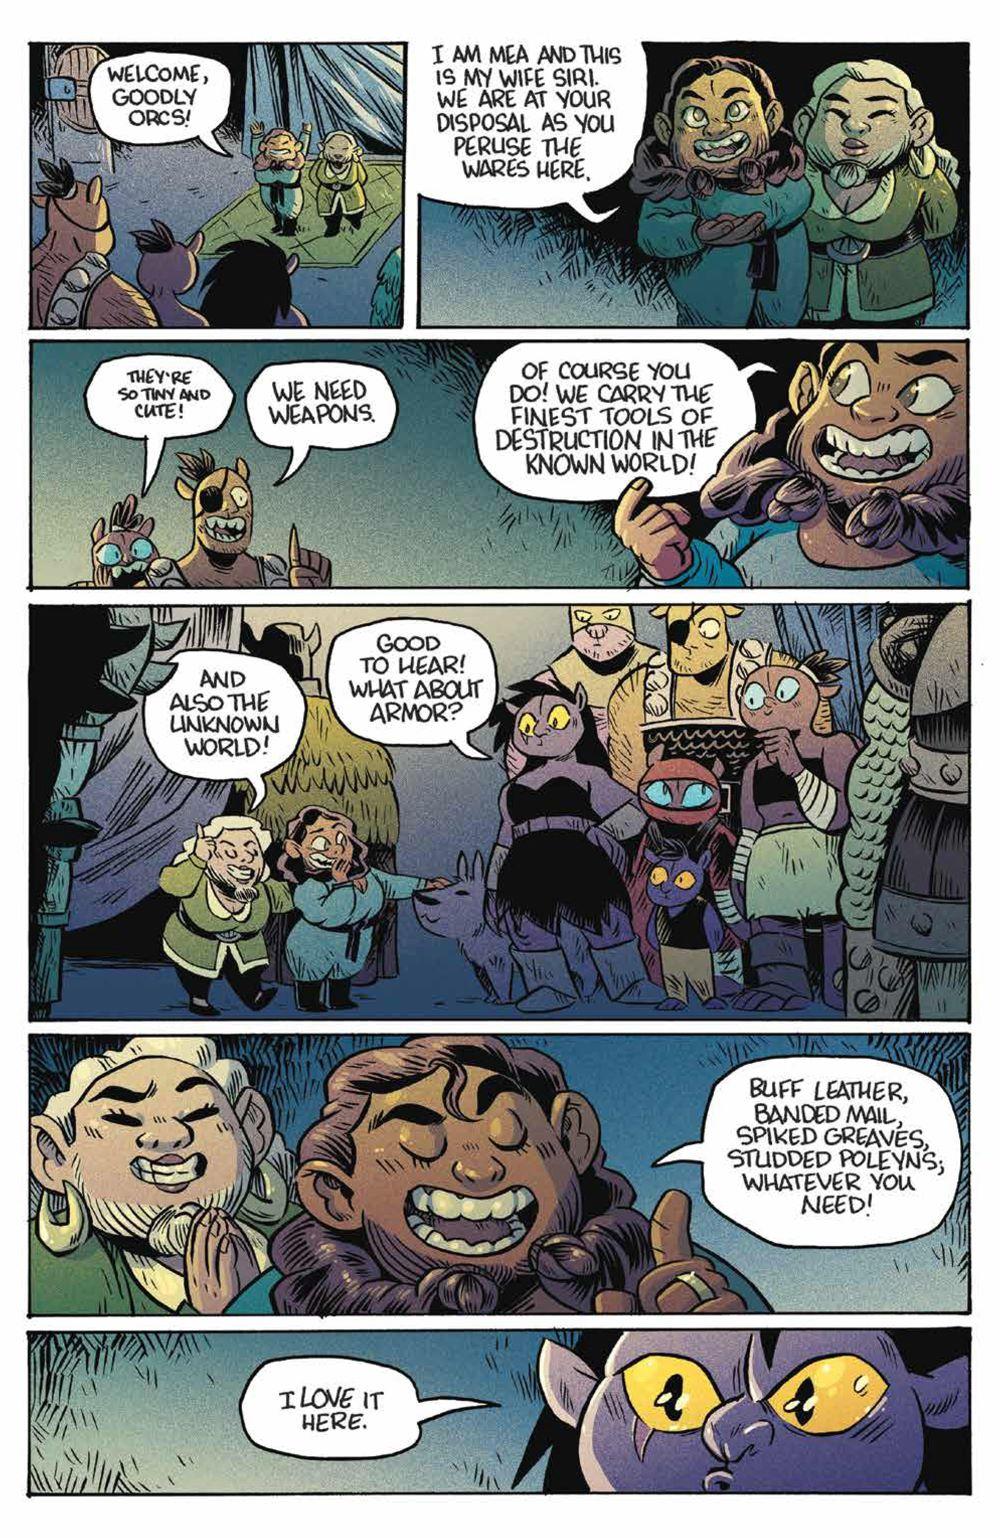 Orcs_005_PRESS_5 ComicList Previews: ORCS #5 (OF 6)